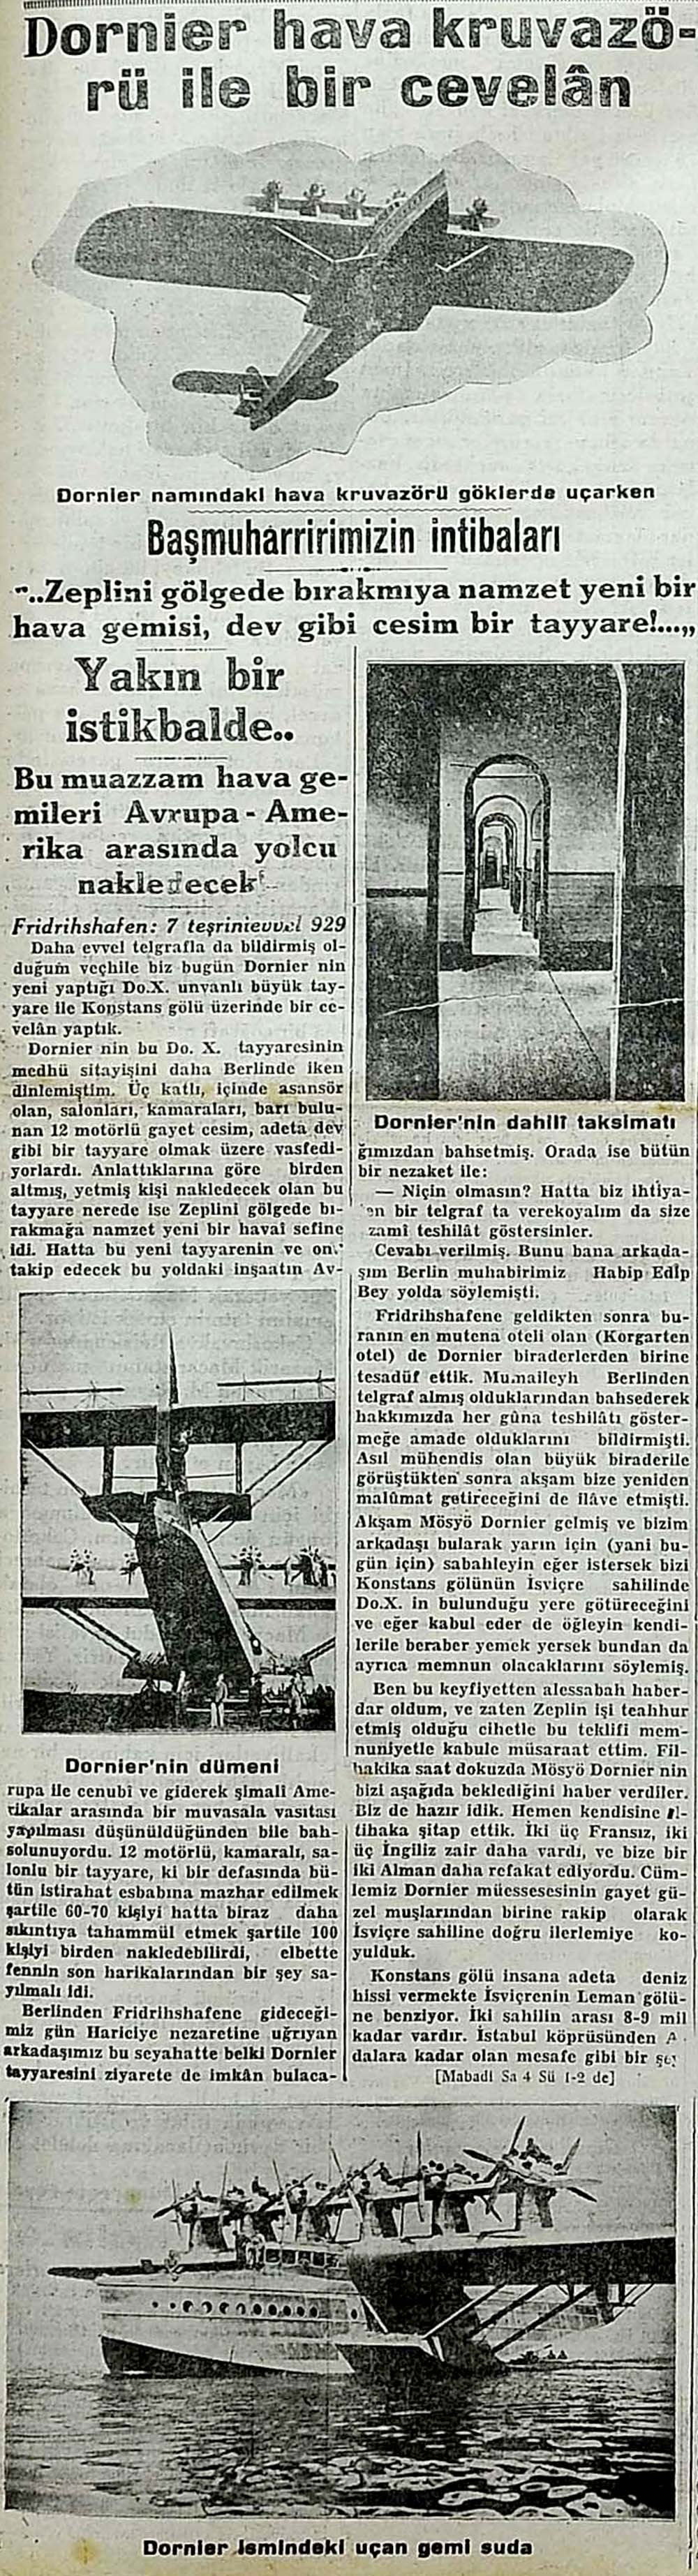 Dornier hava kruvazörü ile bir cevelan